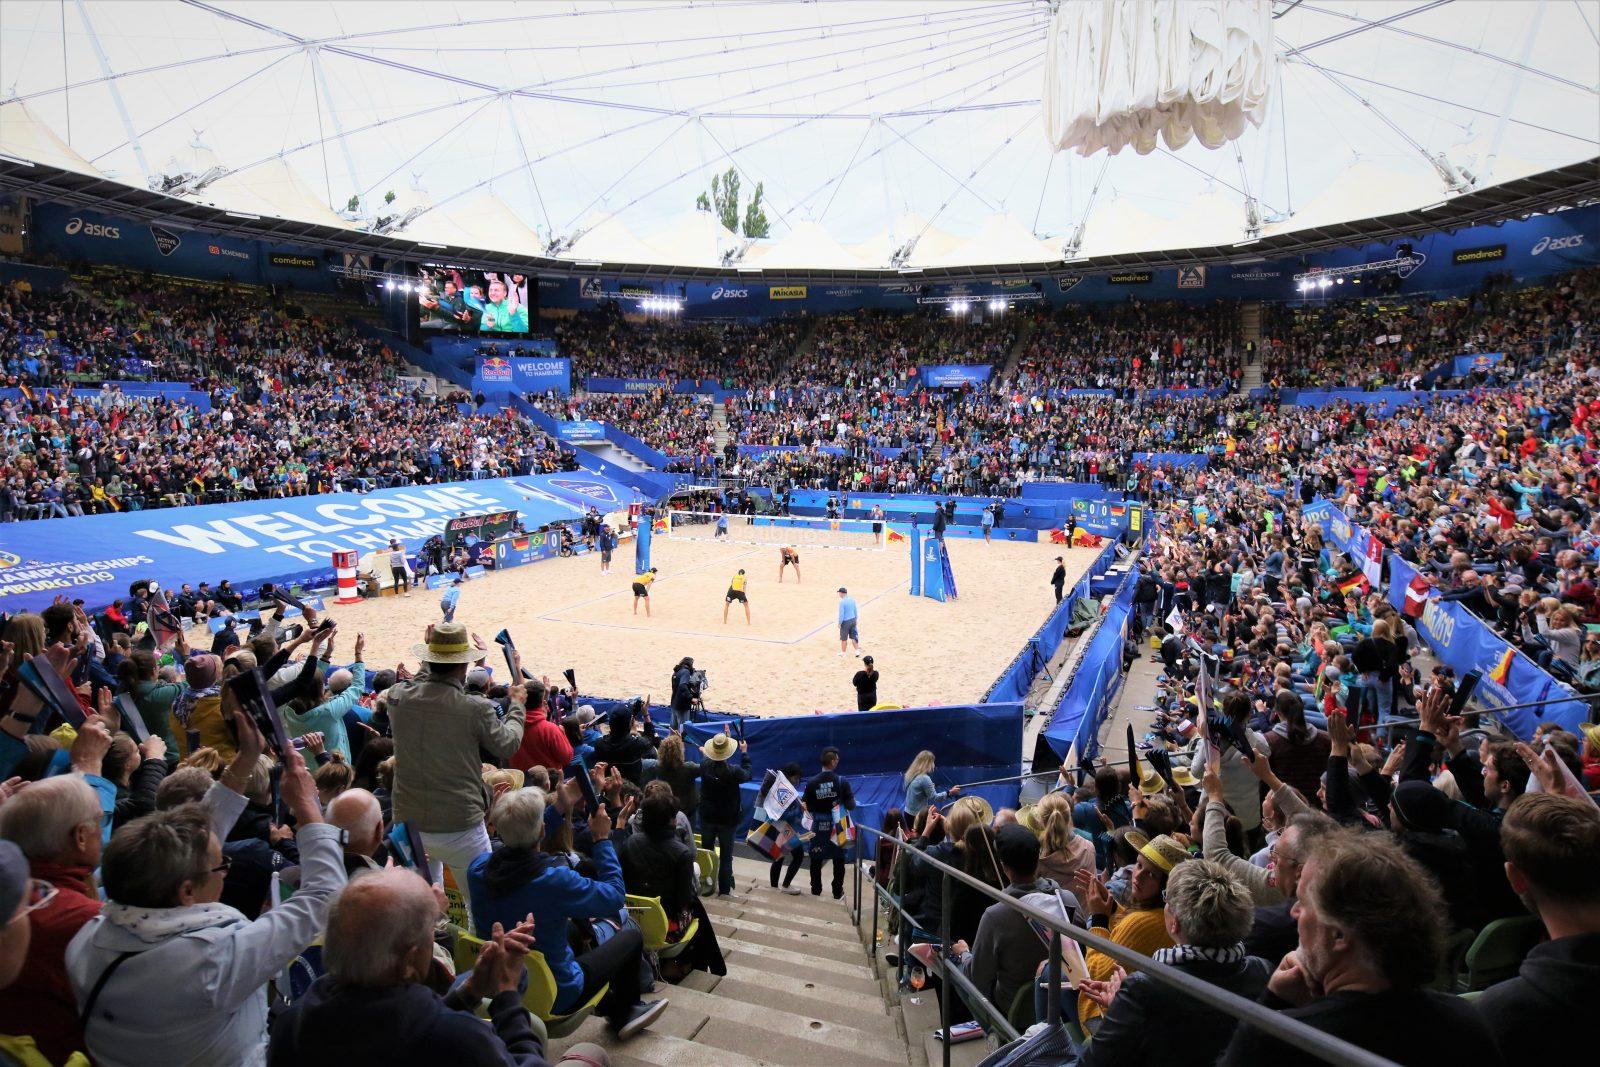 Fazit: Beachvolleyball-WM 2019: Hamburg sorgt (wieder einmal) für Gänsehaut